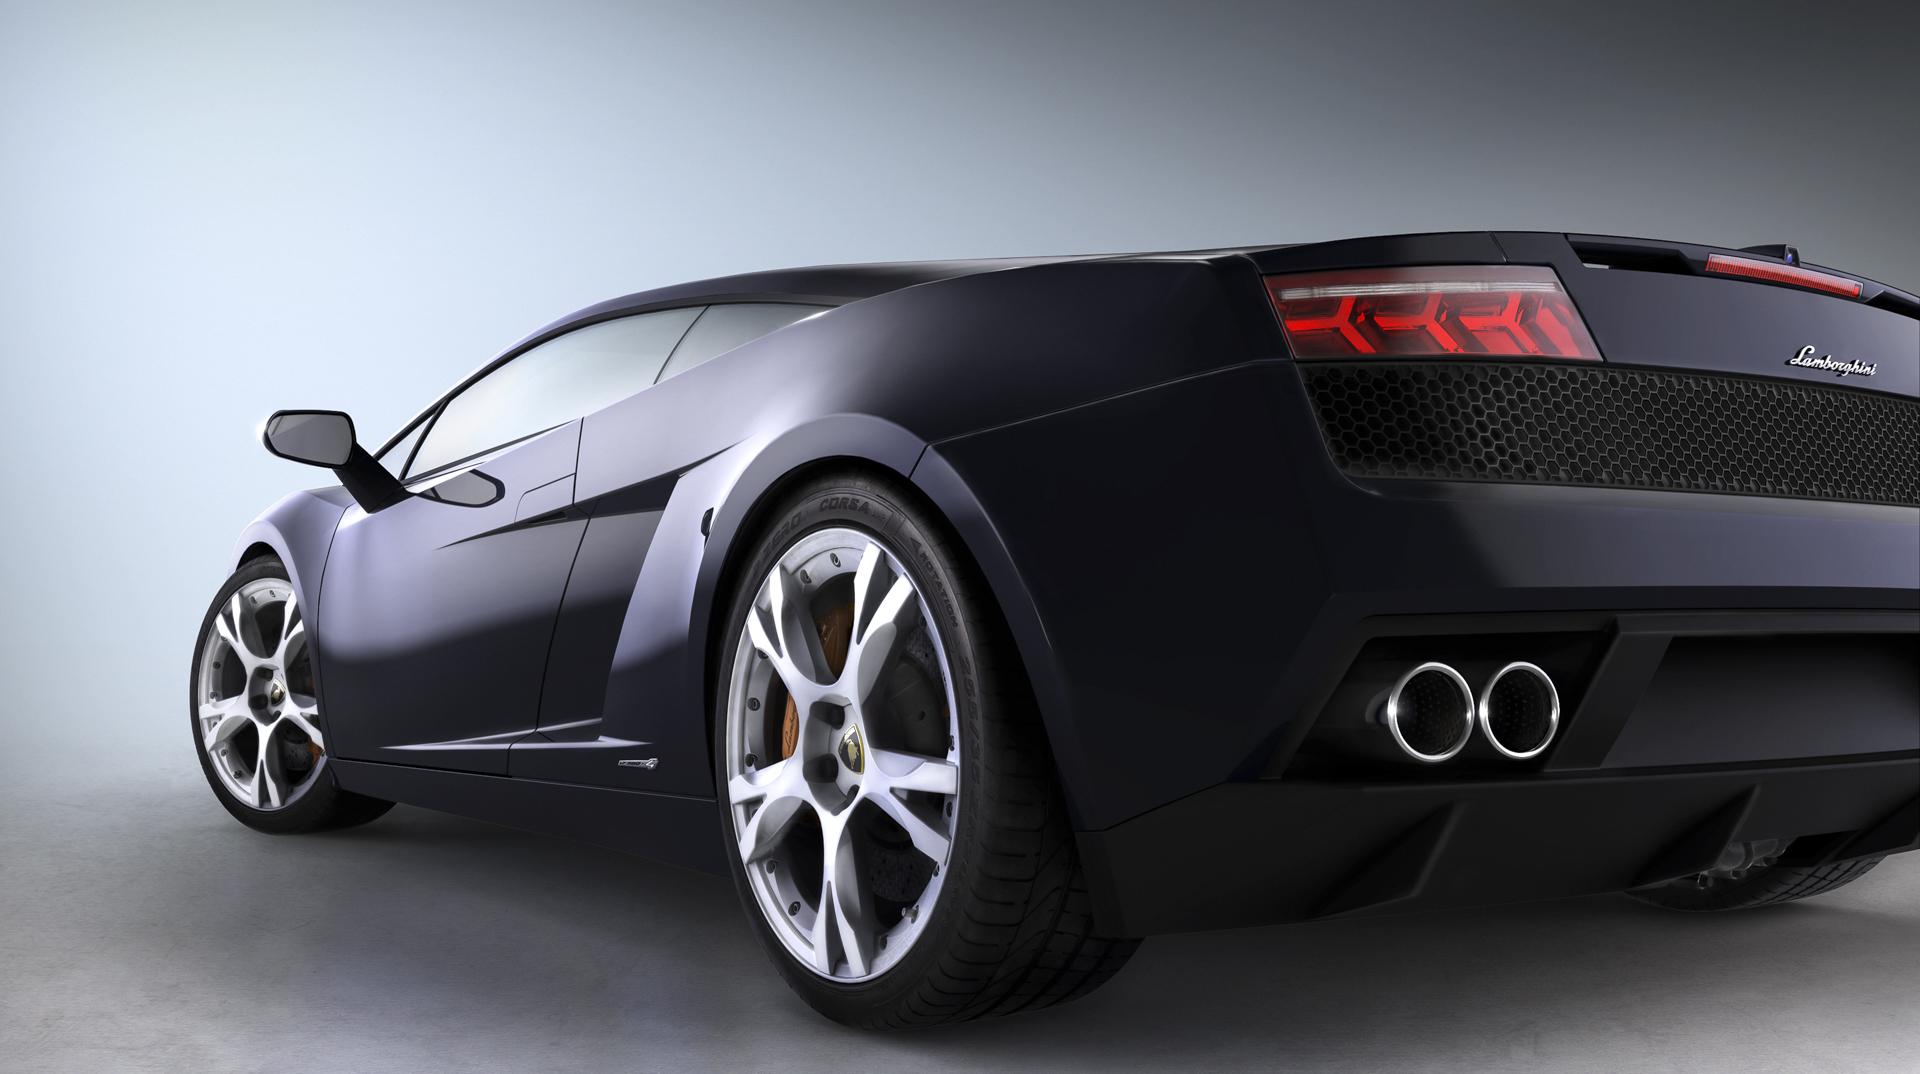 Lamborghini_gallardo_rear_flat_final-Edit.jpg